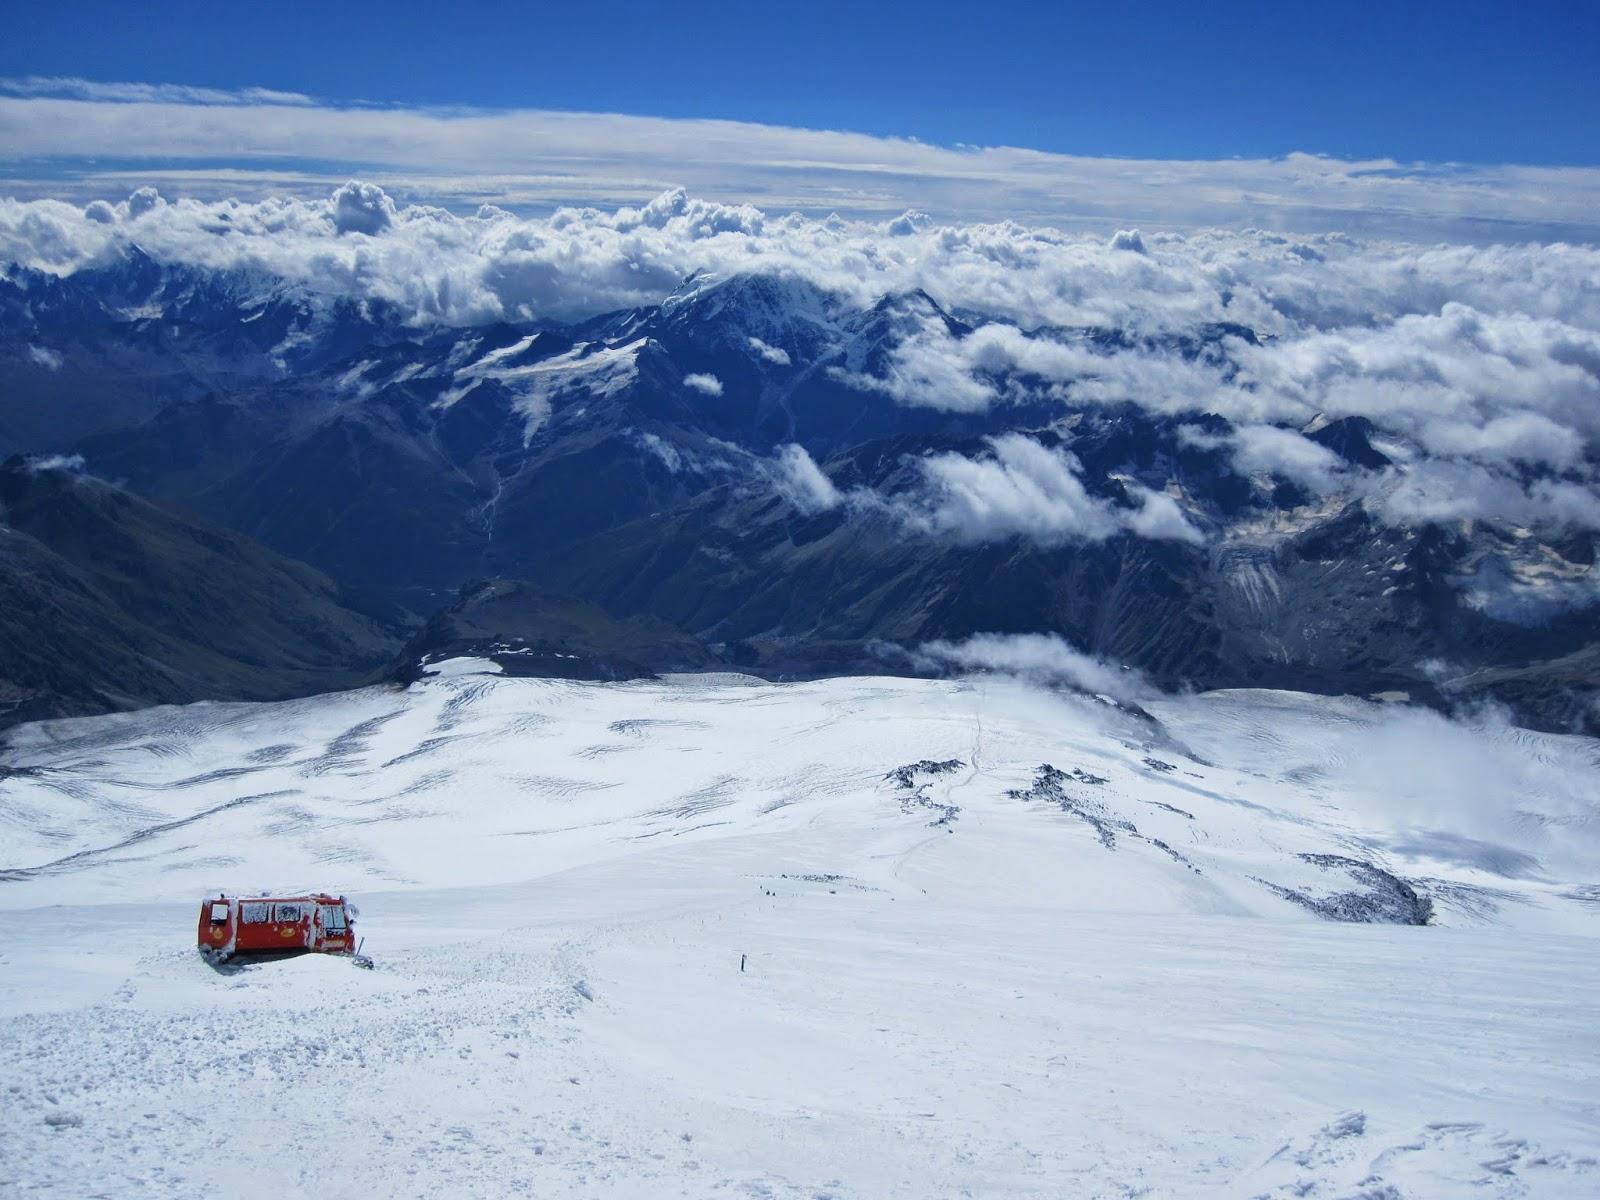 Deserted snowcat on the slopes of Mount Elbrus